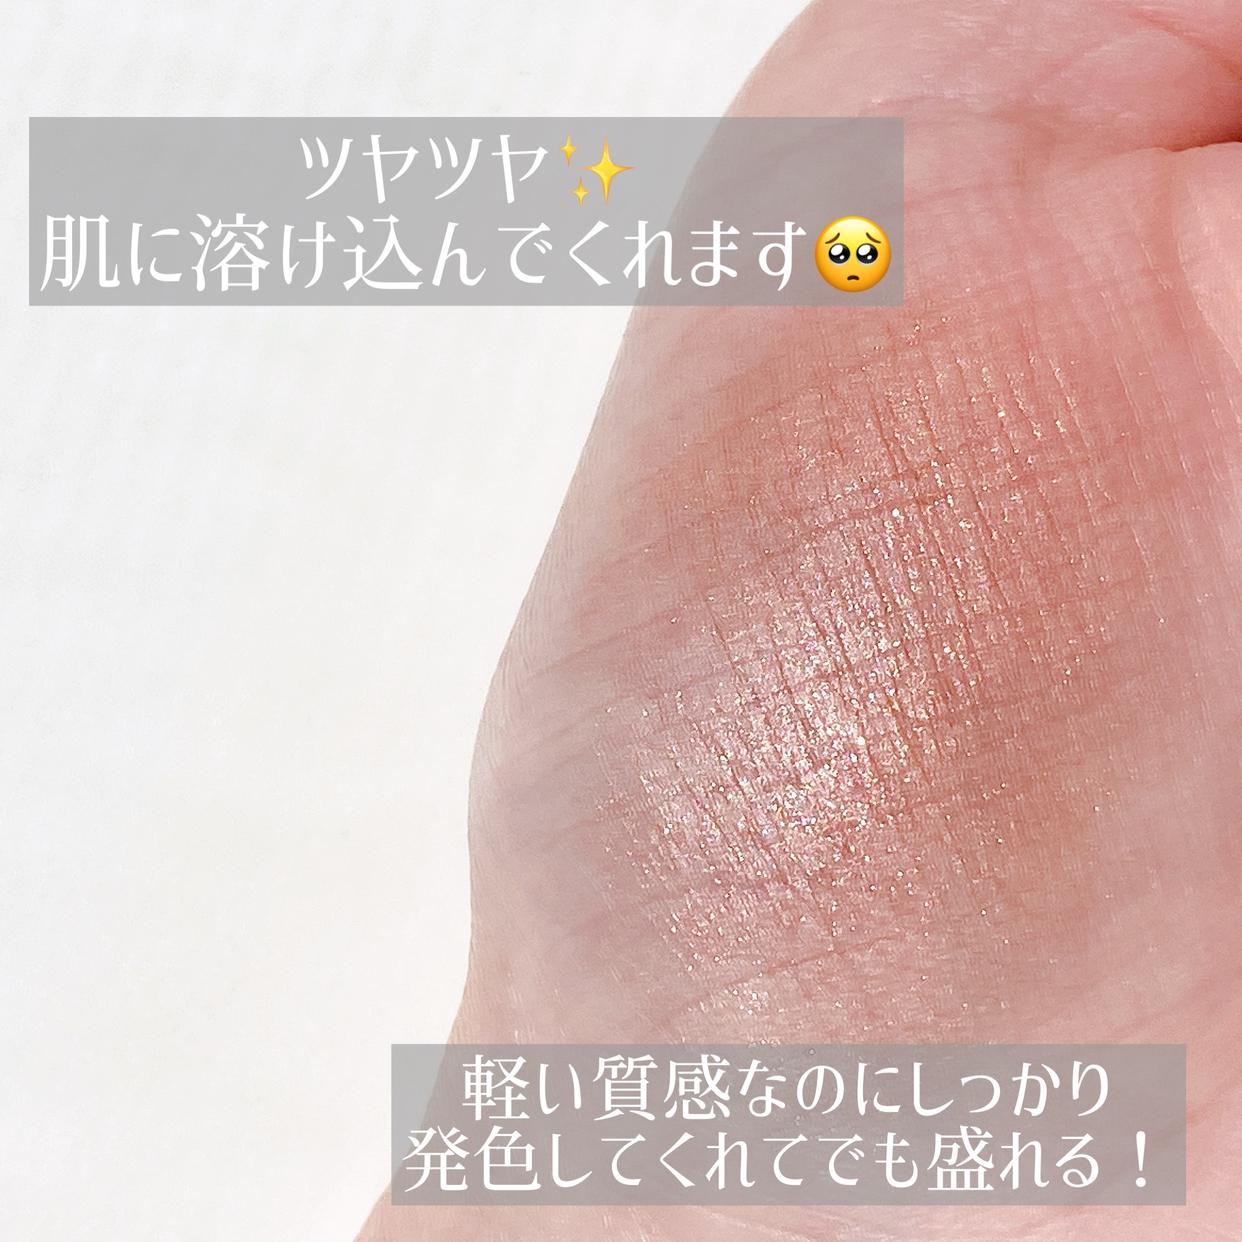 excel(エクセル) イルミクチュールシャドウを使ったmimimi.beautyさんのクチコミ画像2